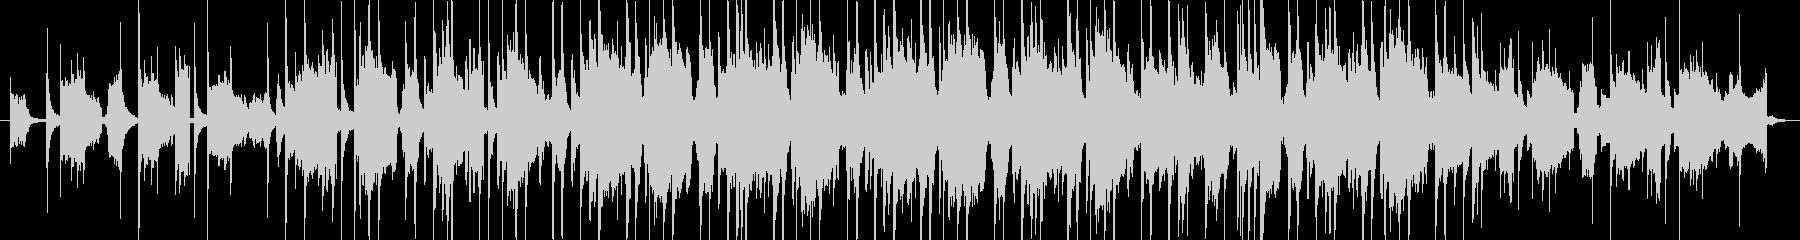 切ないピアノのカットアップの未再生の波形